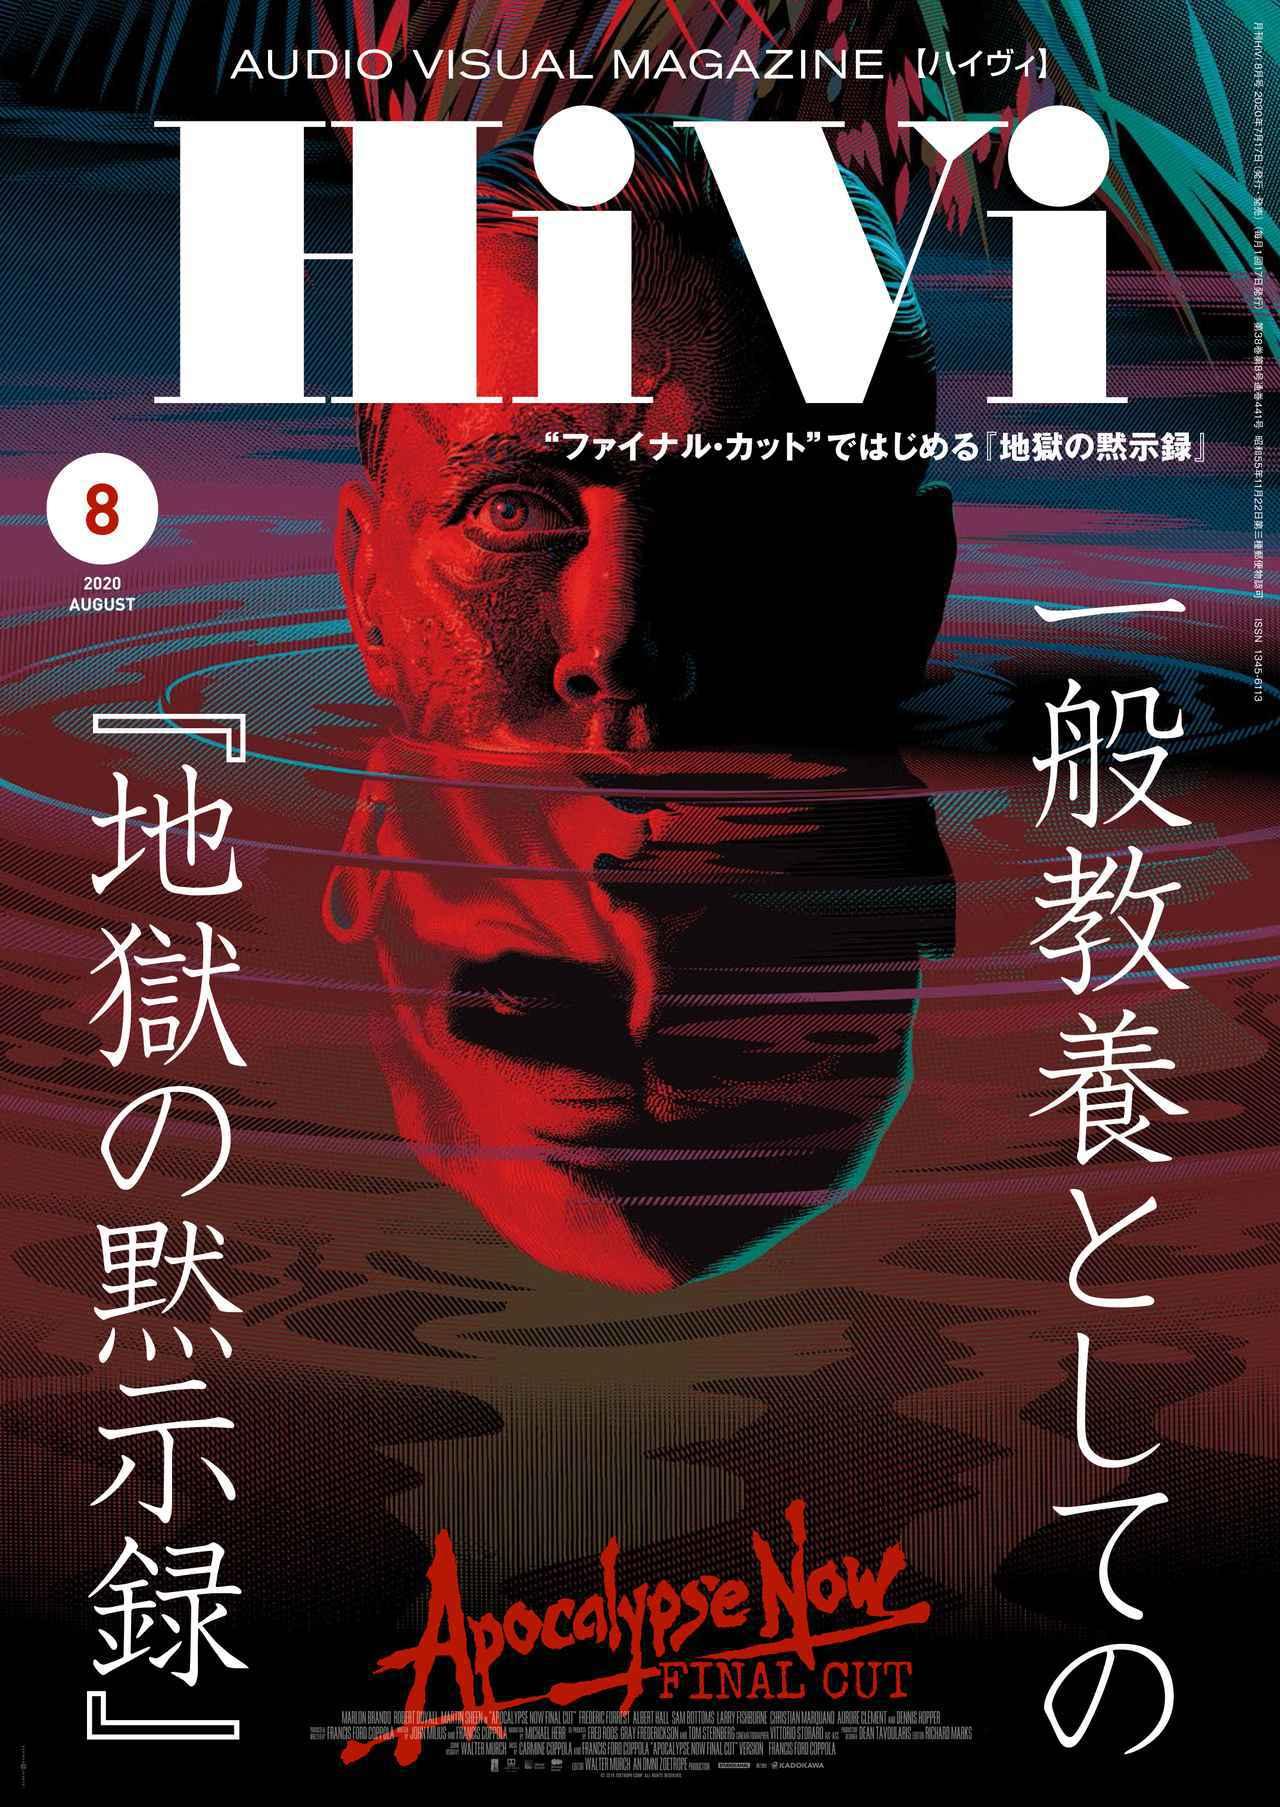 画像: 『地獄の黙示録 ファイナル・カット』が目印のHiVi8月号は、7月17日発売